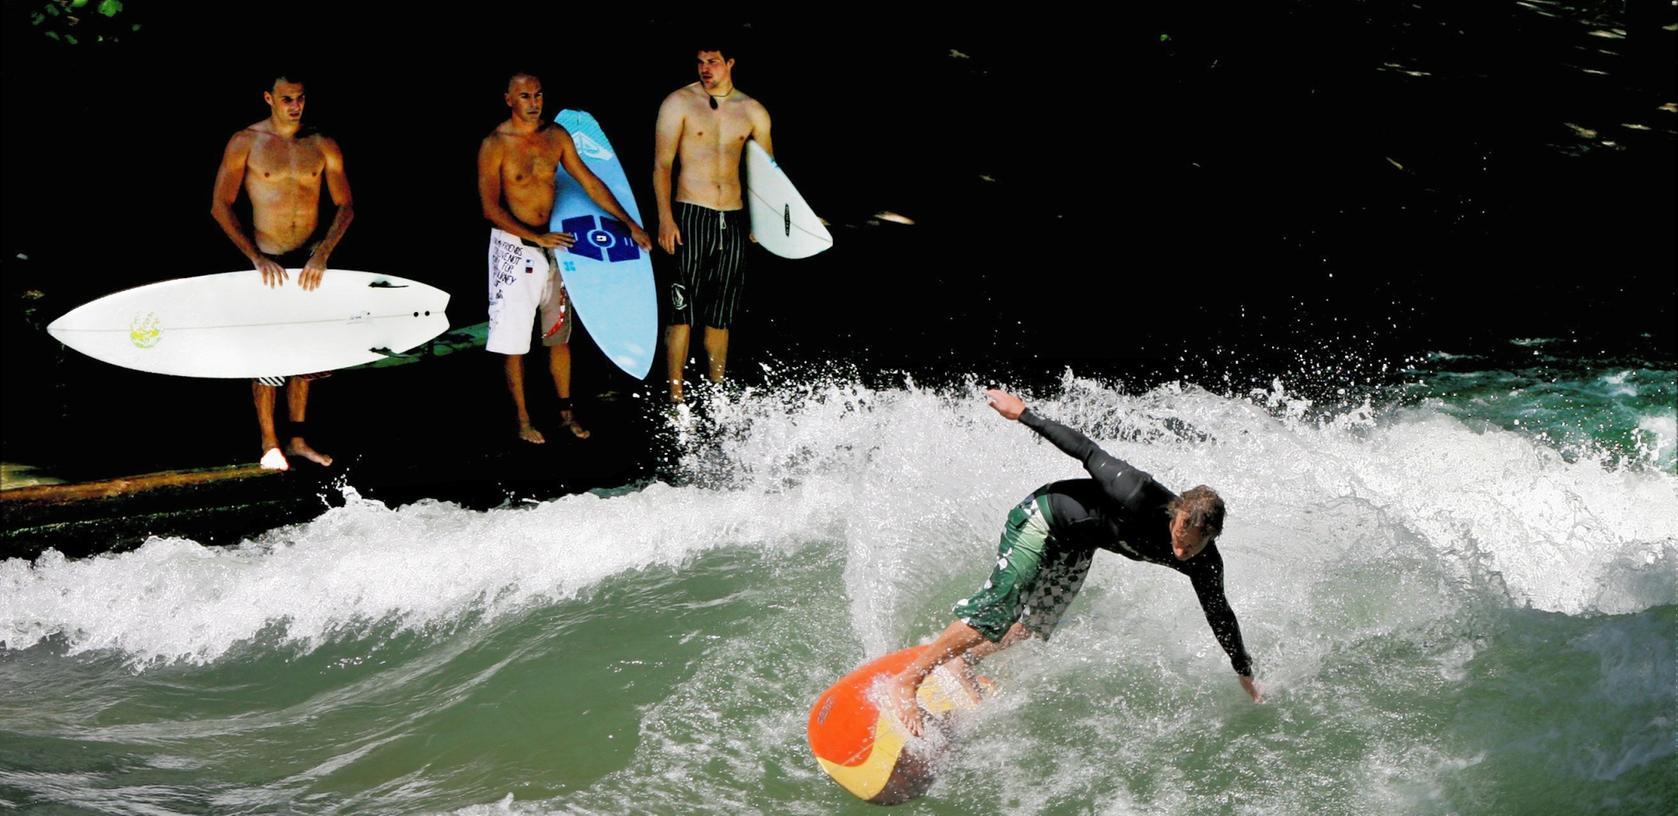 Surfen in der Stadt: München hat kein Meer, aber den Eisbach. Nürnbergs Wellenreiter haben den Wöhrder See und eine Idee...